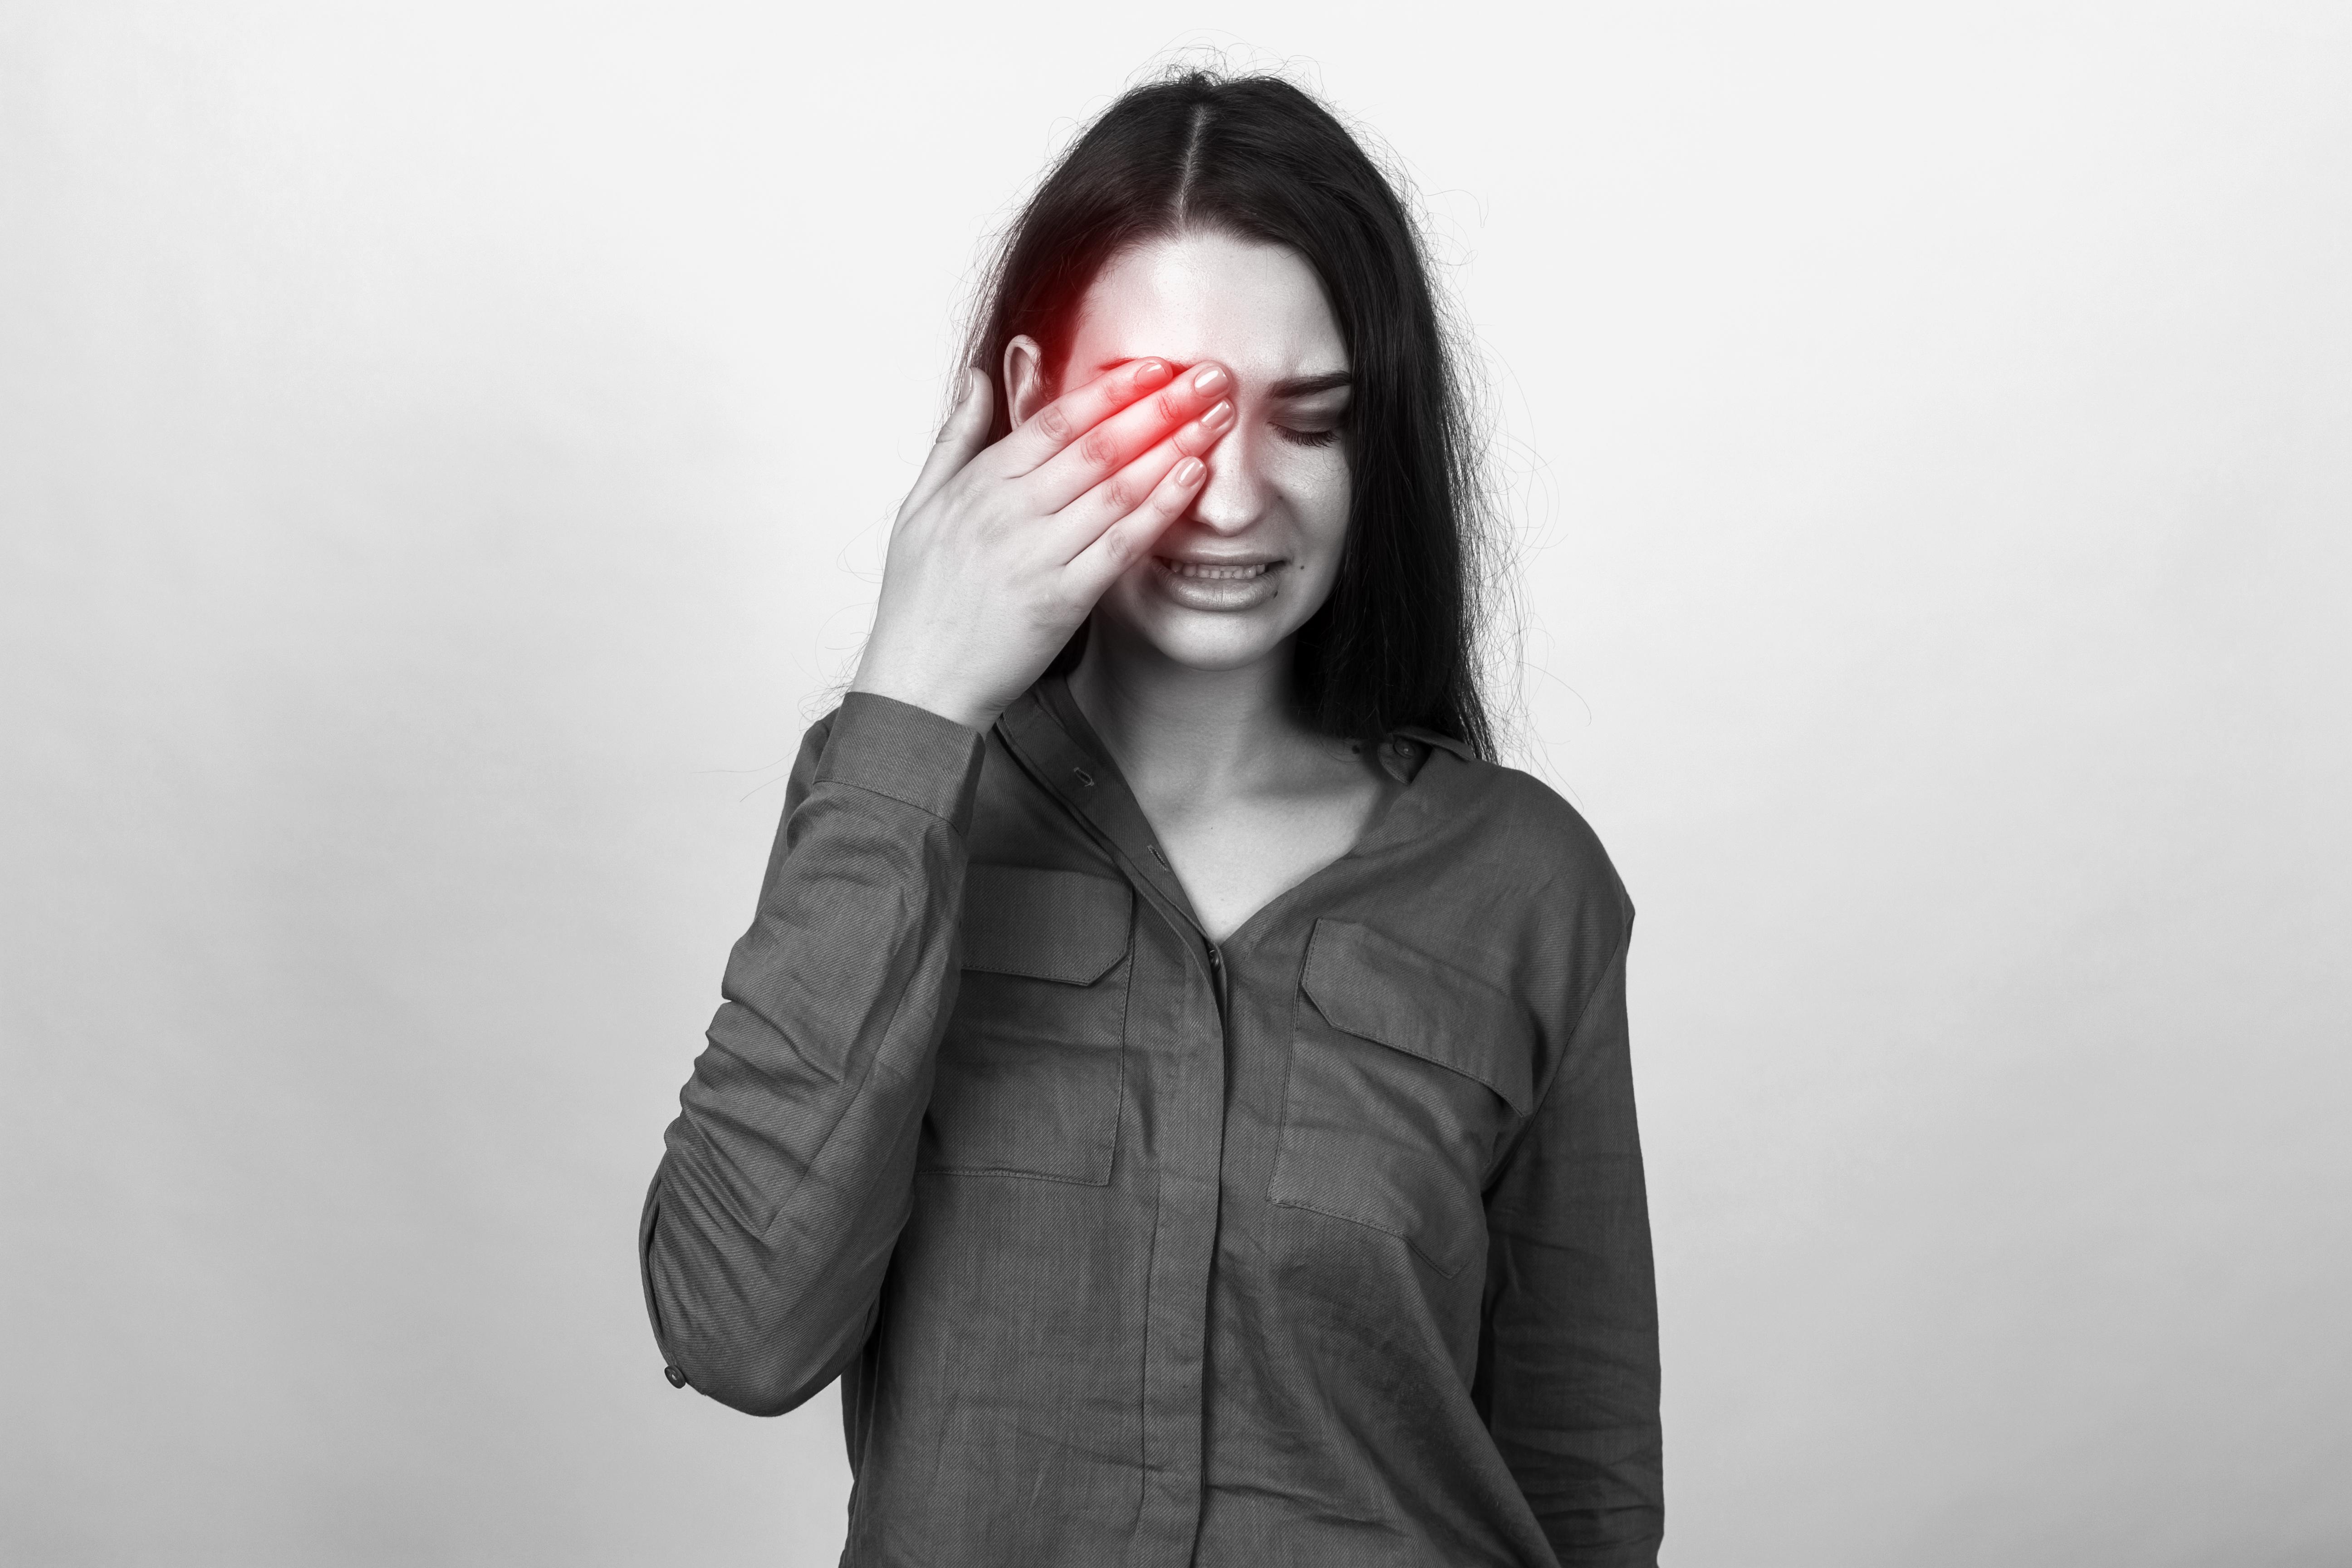 Hornhinneinflammation, keratit, är vanligtvis smärtsamt och drabbar oftast ett öga. Alla kan drabbas och orsaken varför det uppstår varierar.